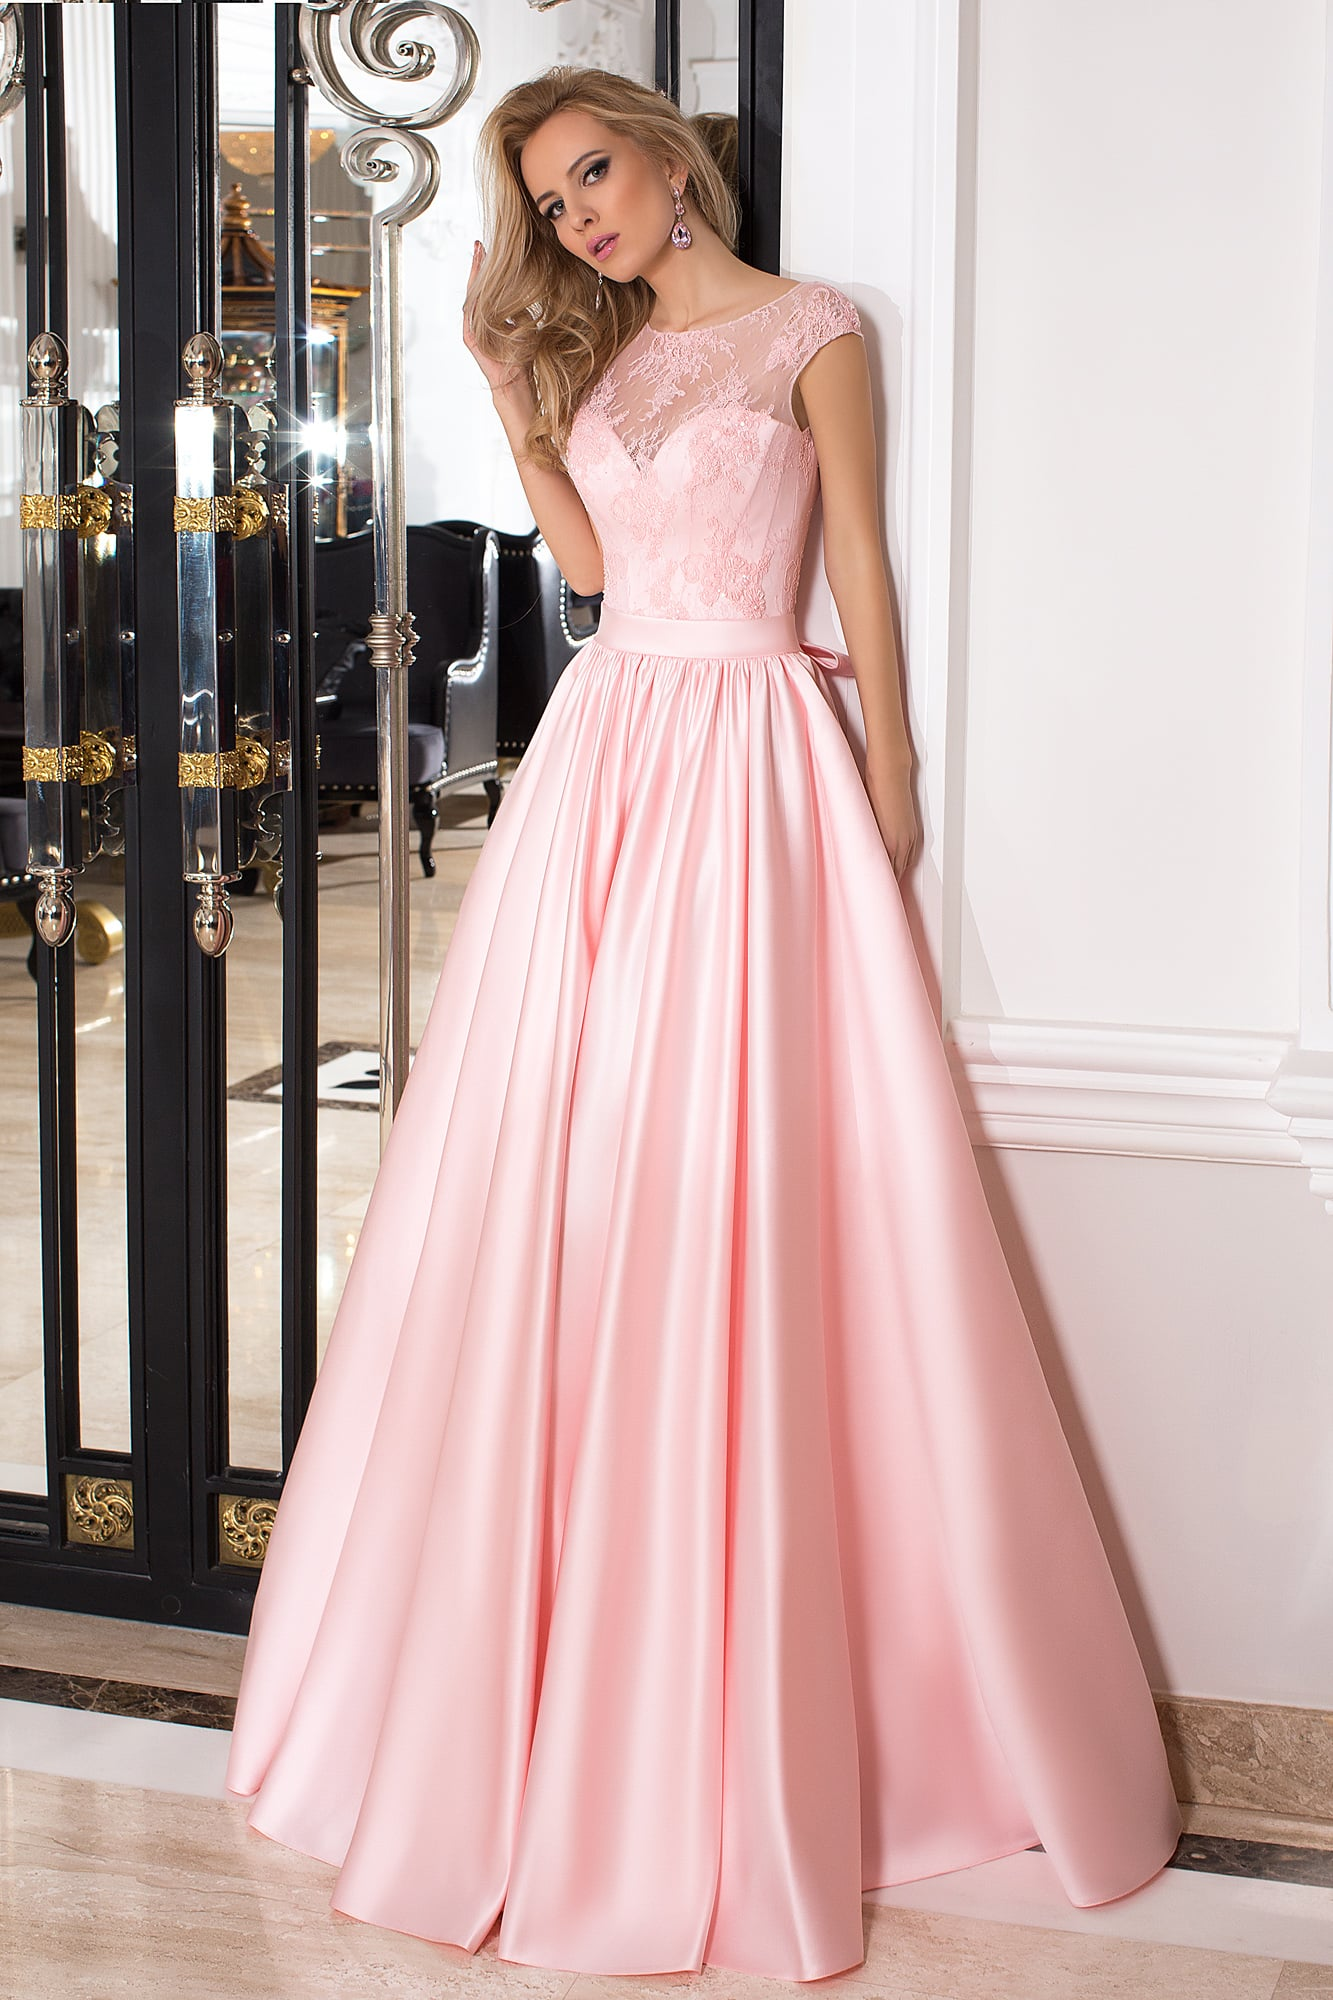 5707988a0b8 Розовое выпускное платье Oksana Mukha 16-993. Купить вечернее платье ...